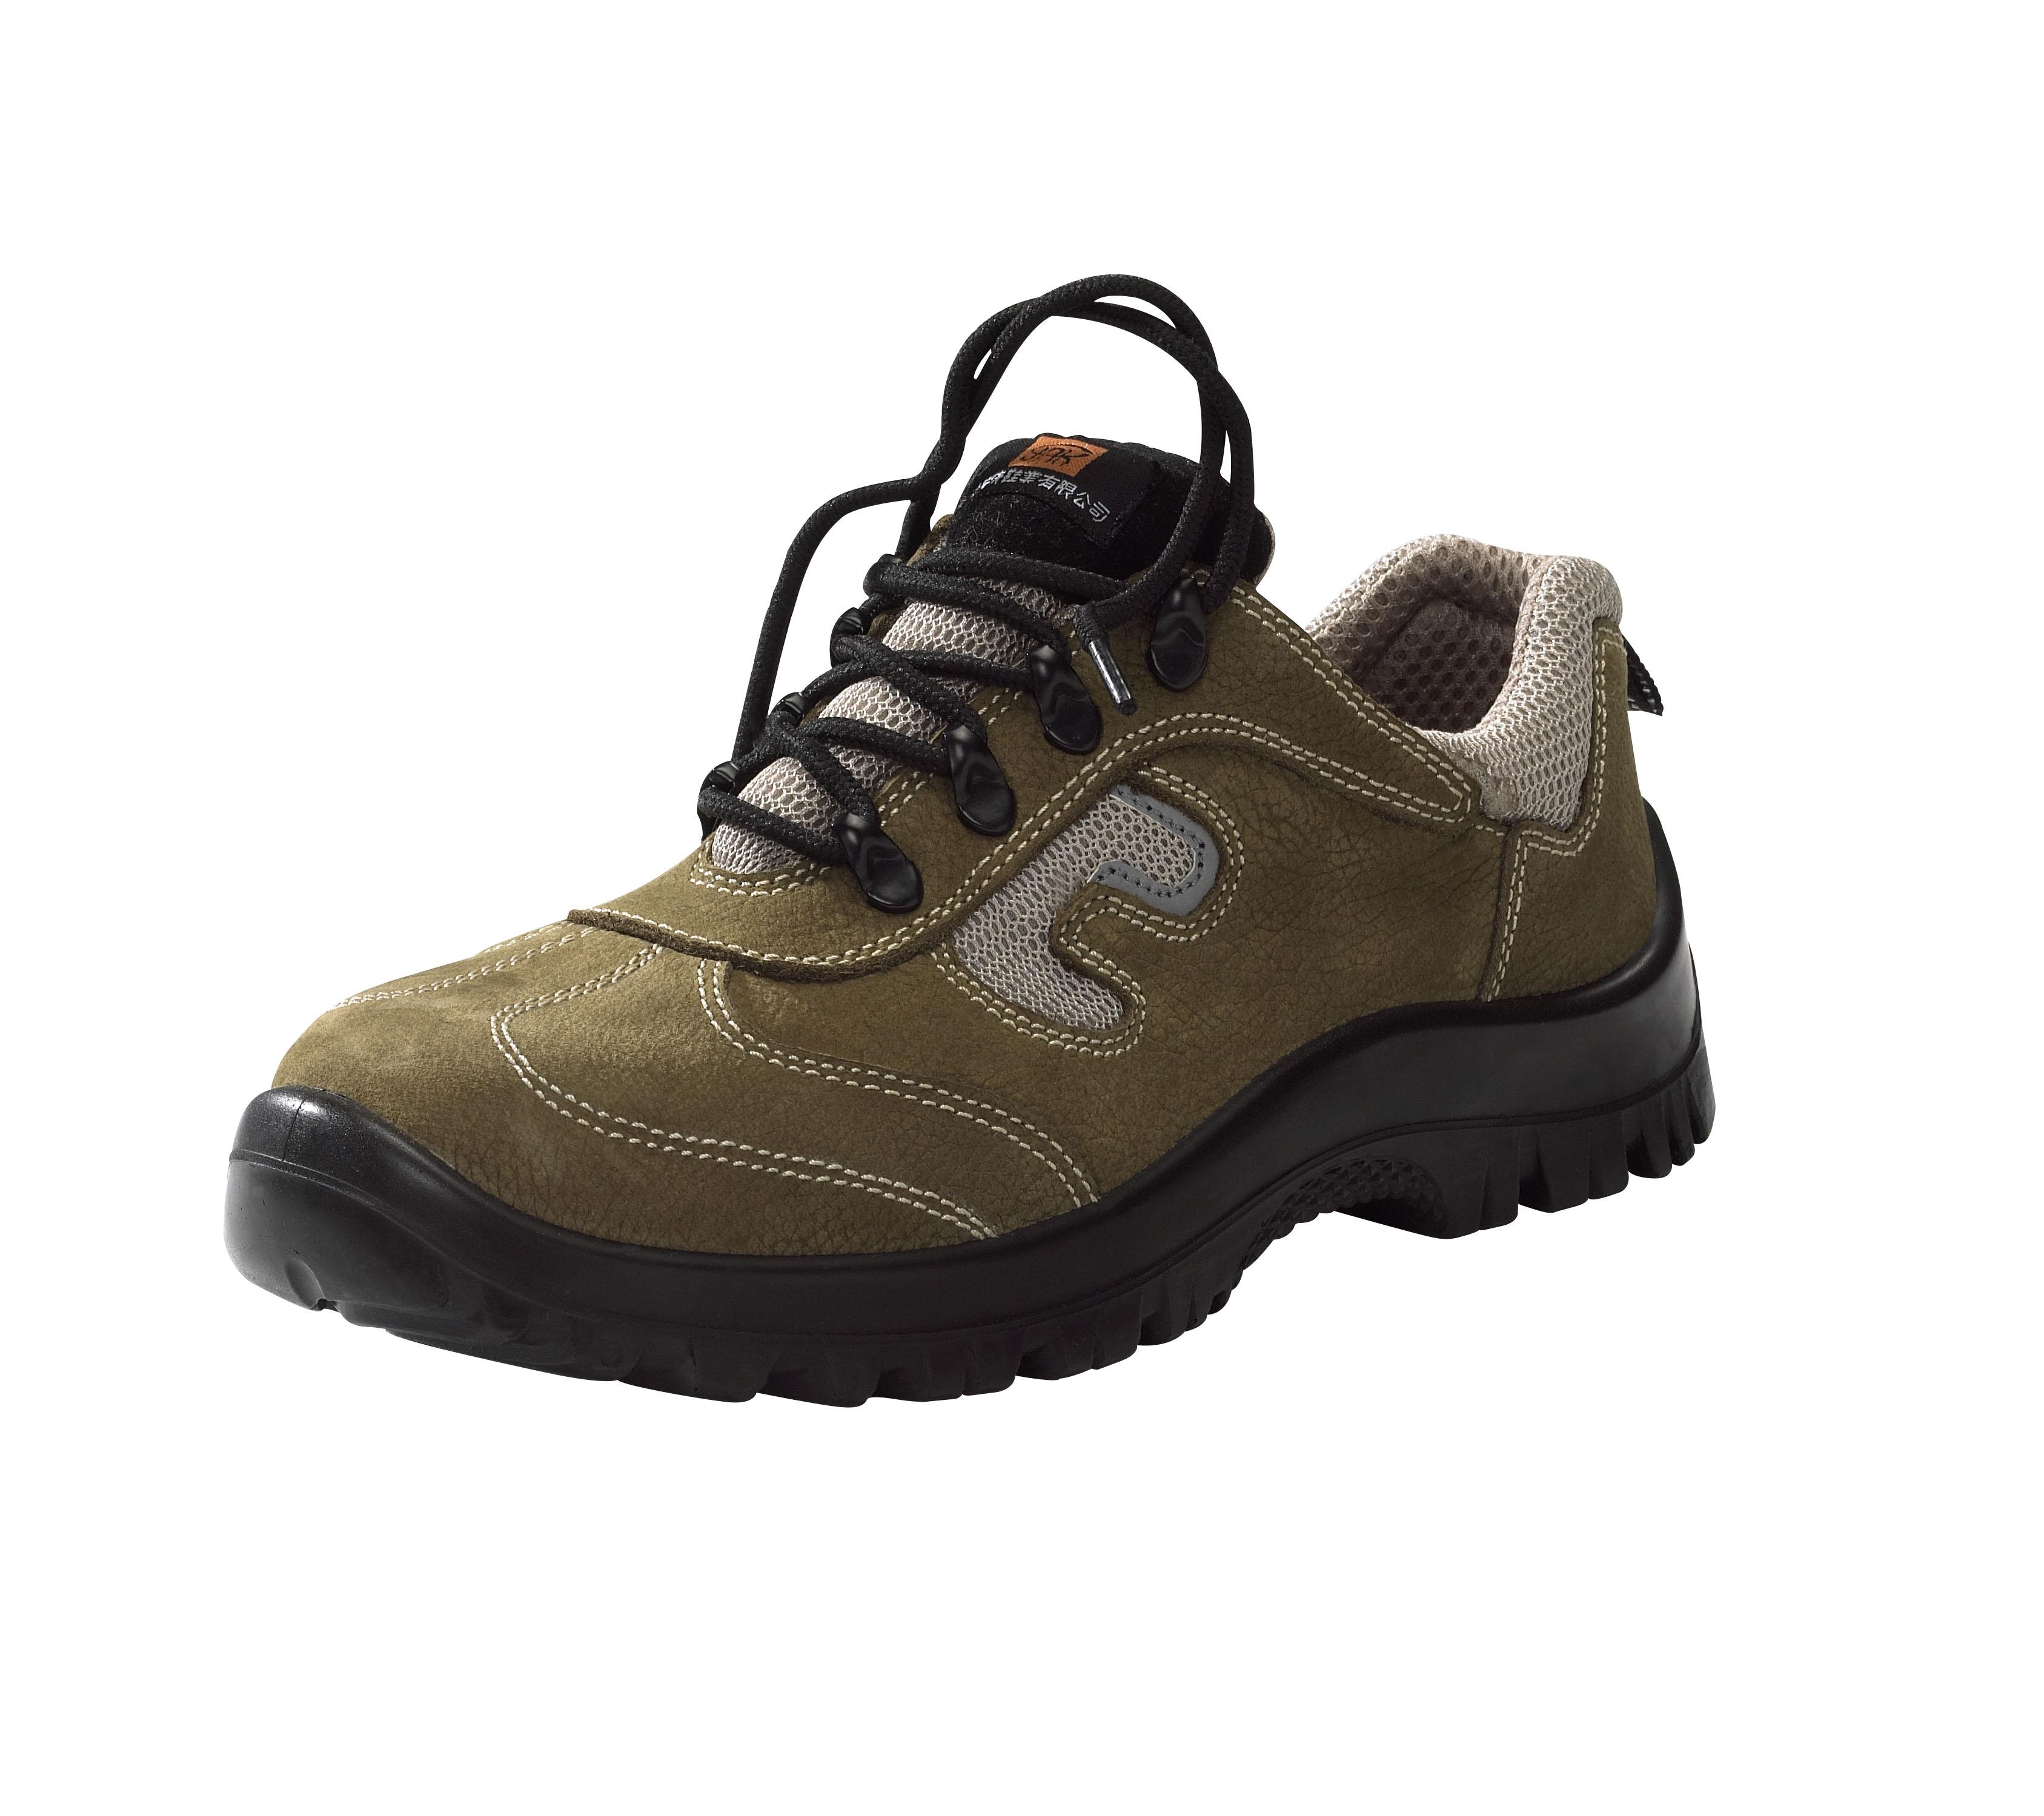 建安康低帮安全鞋CN507